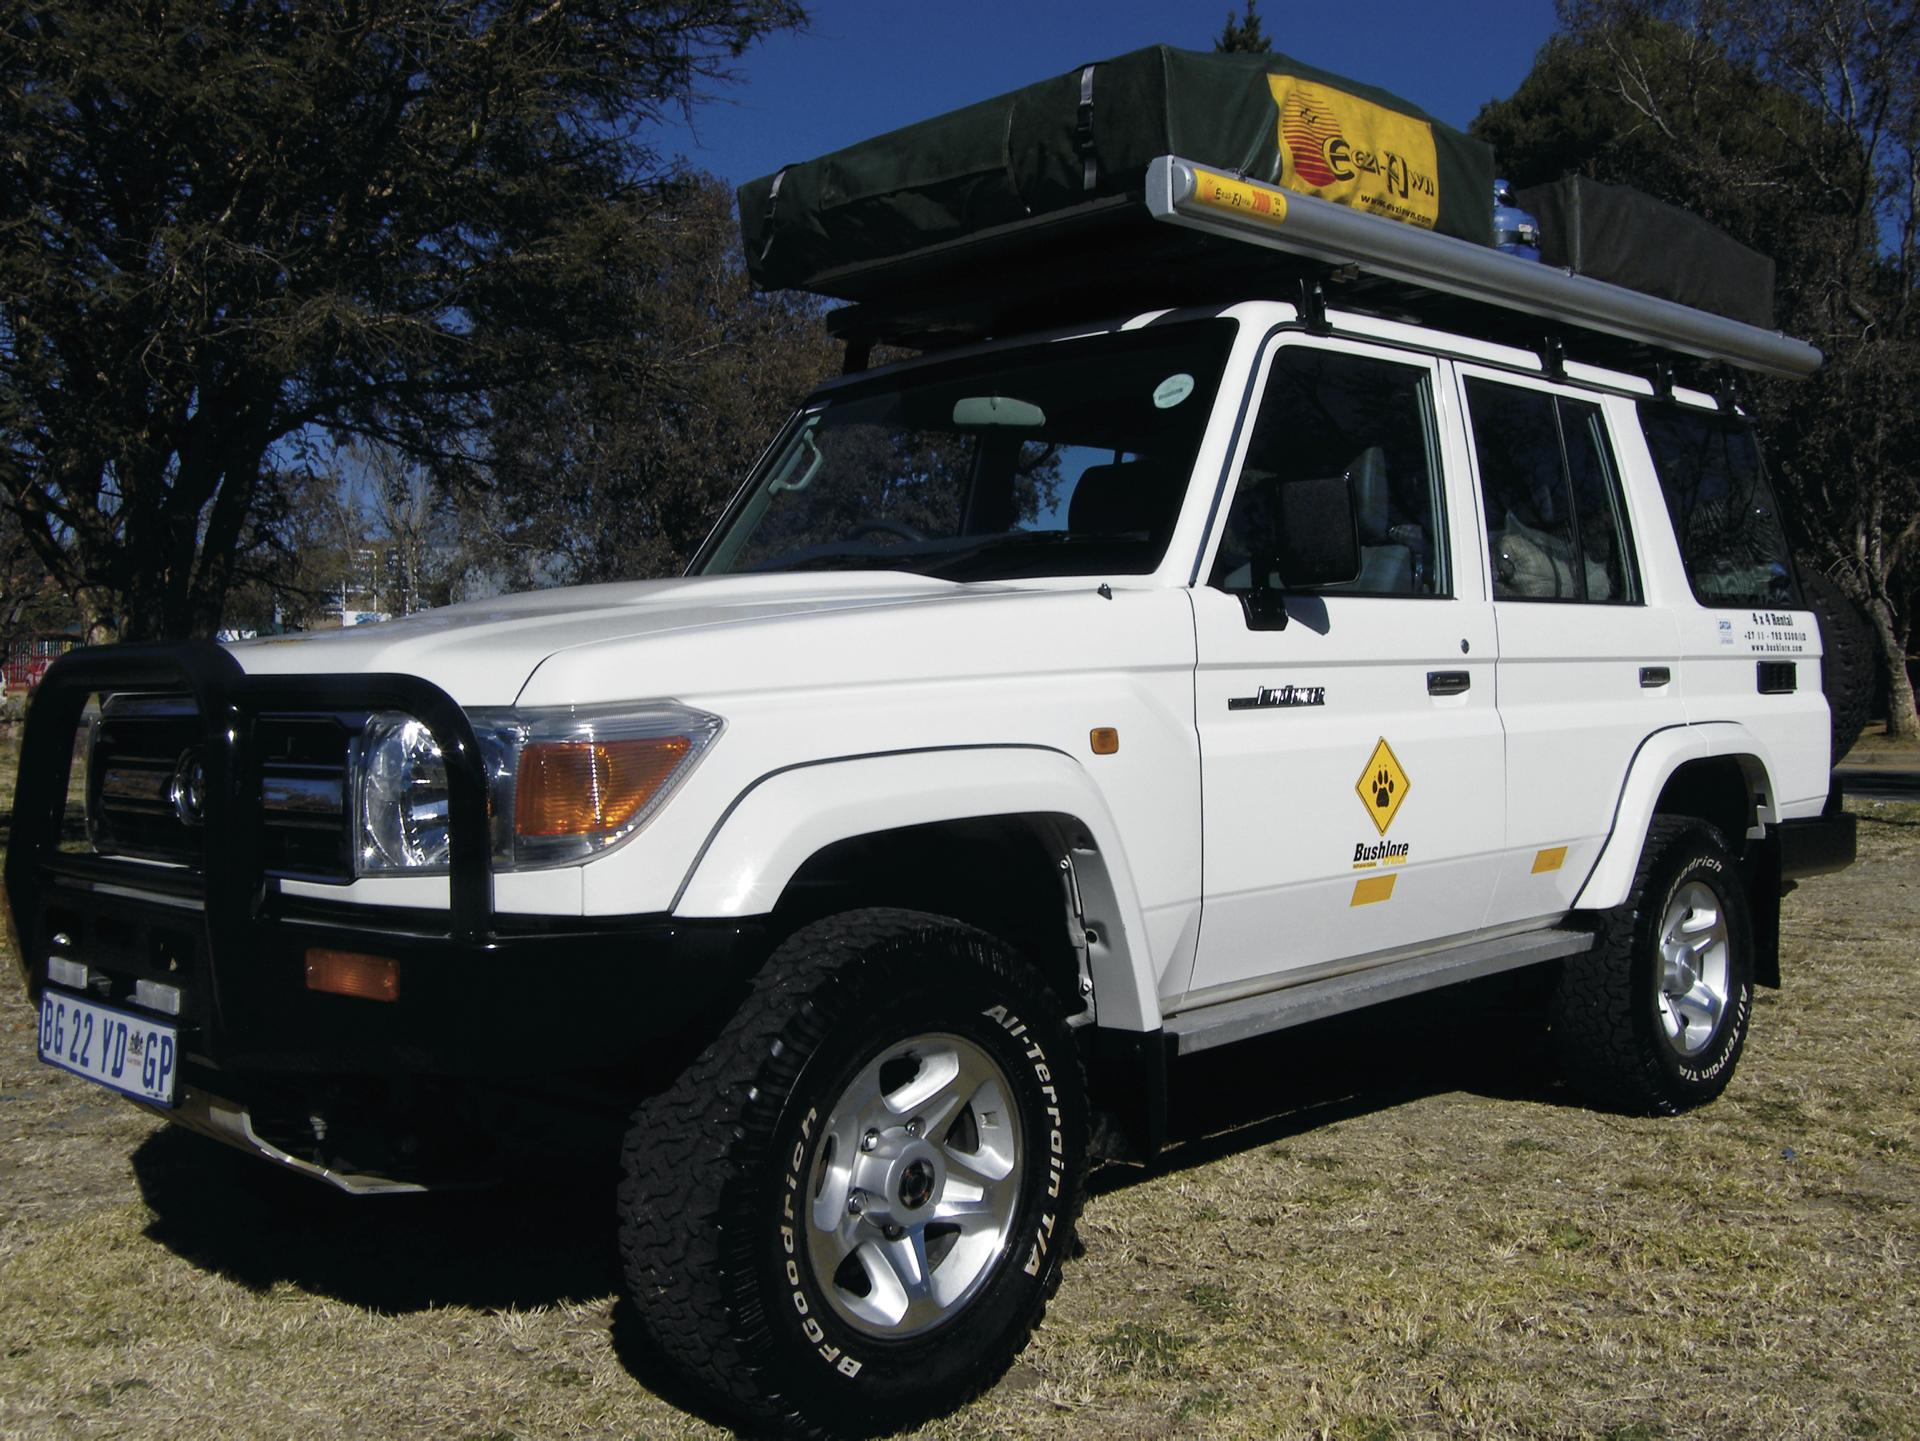 Bushlore 4x4 Landcruiser mit Campingausrüstung